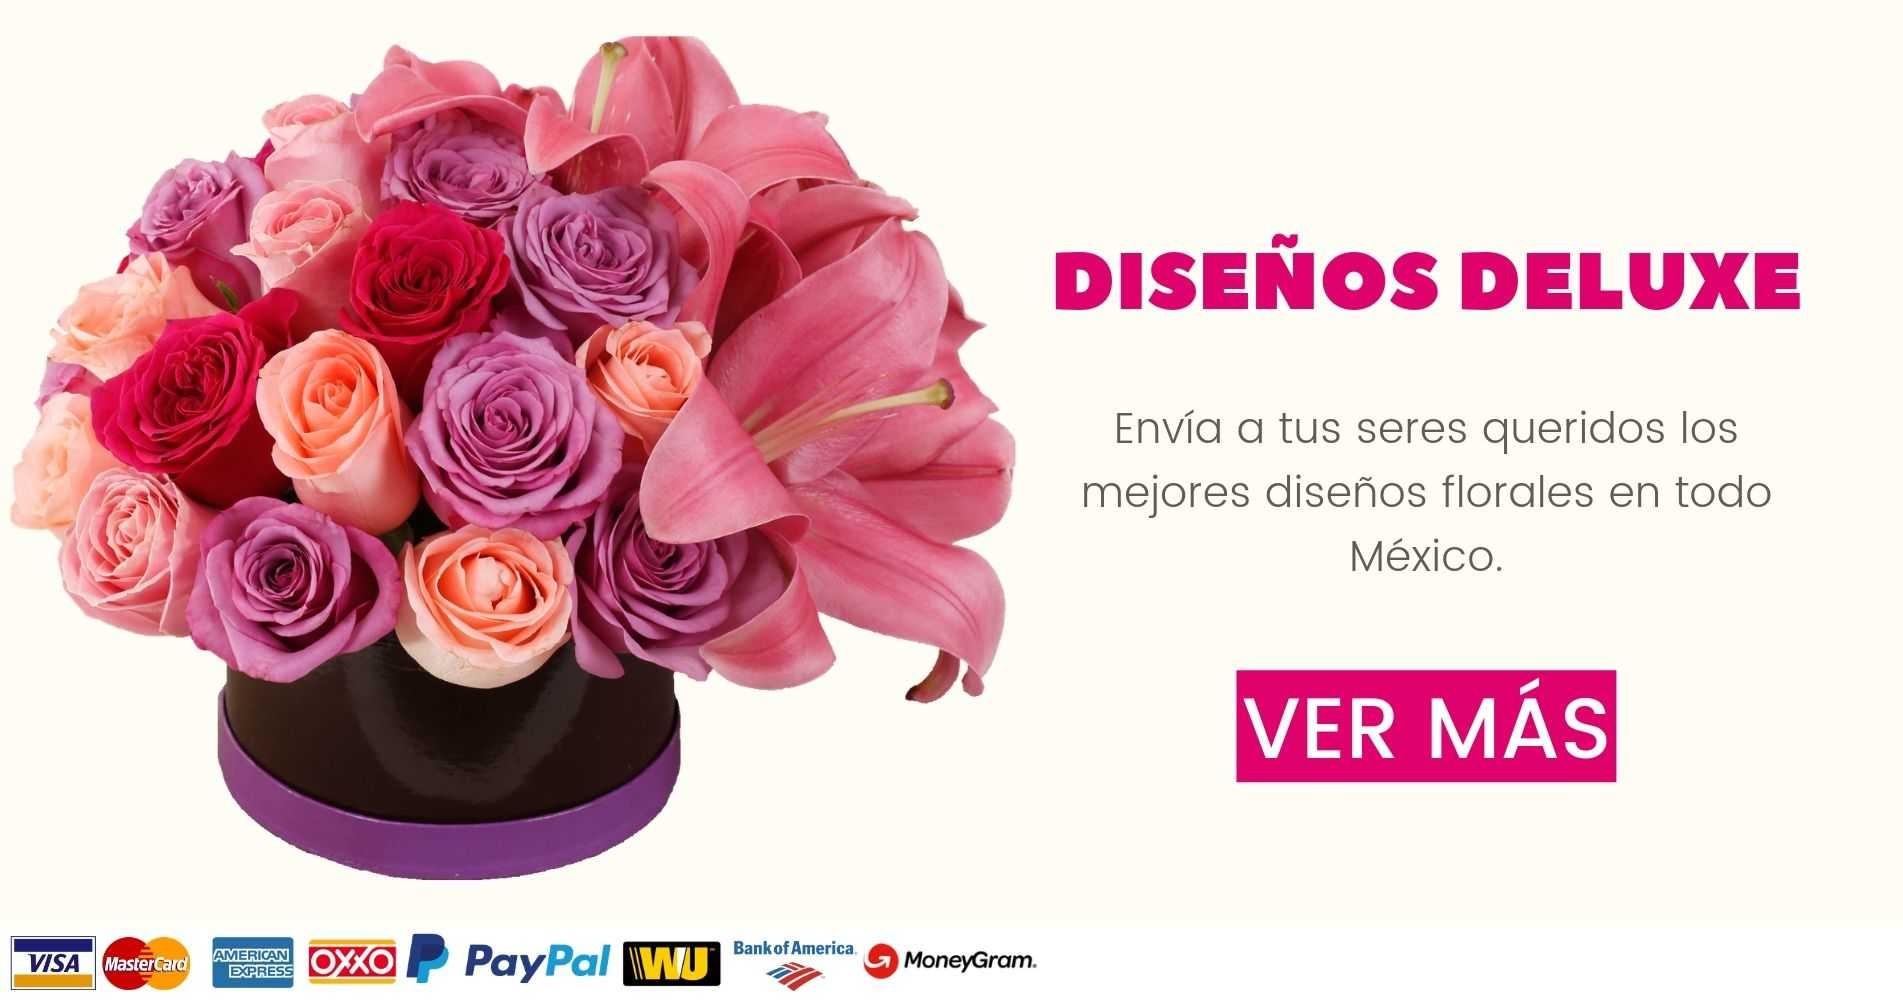 Enviar regalos a todo México